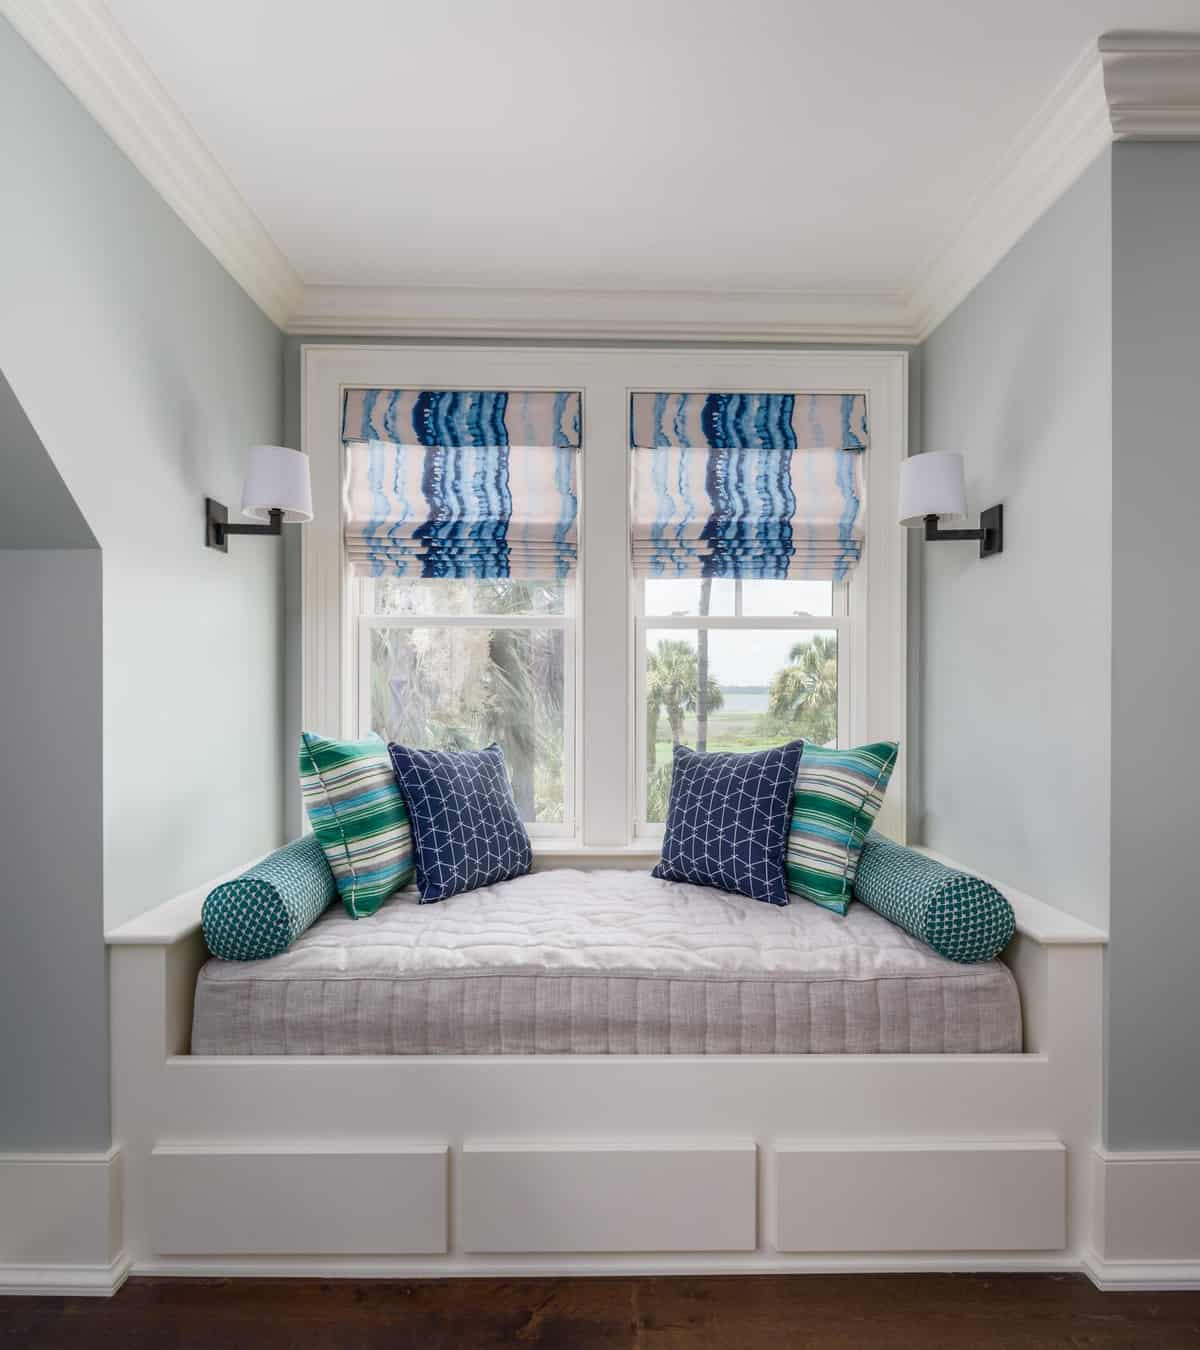 spavaća soba-prozor-sjedalo u primorskom stilu